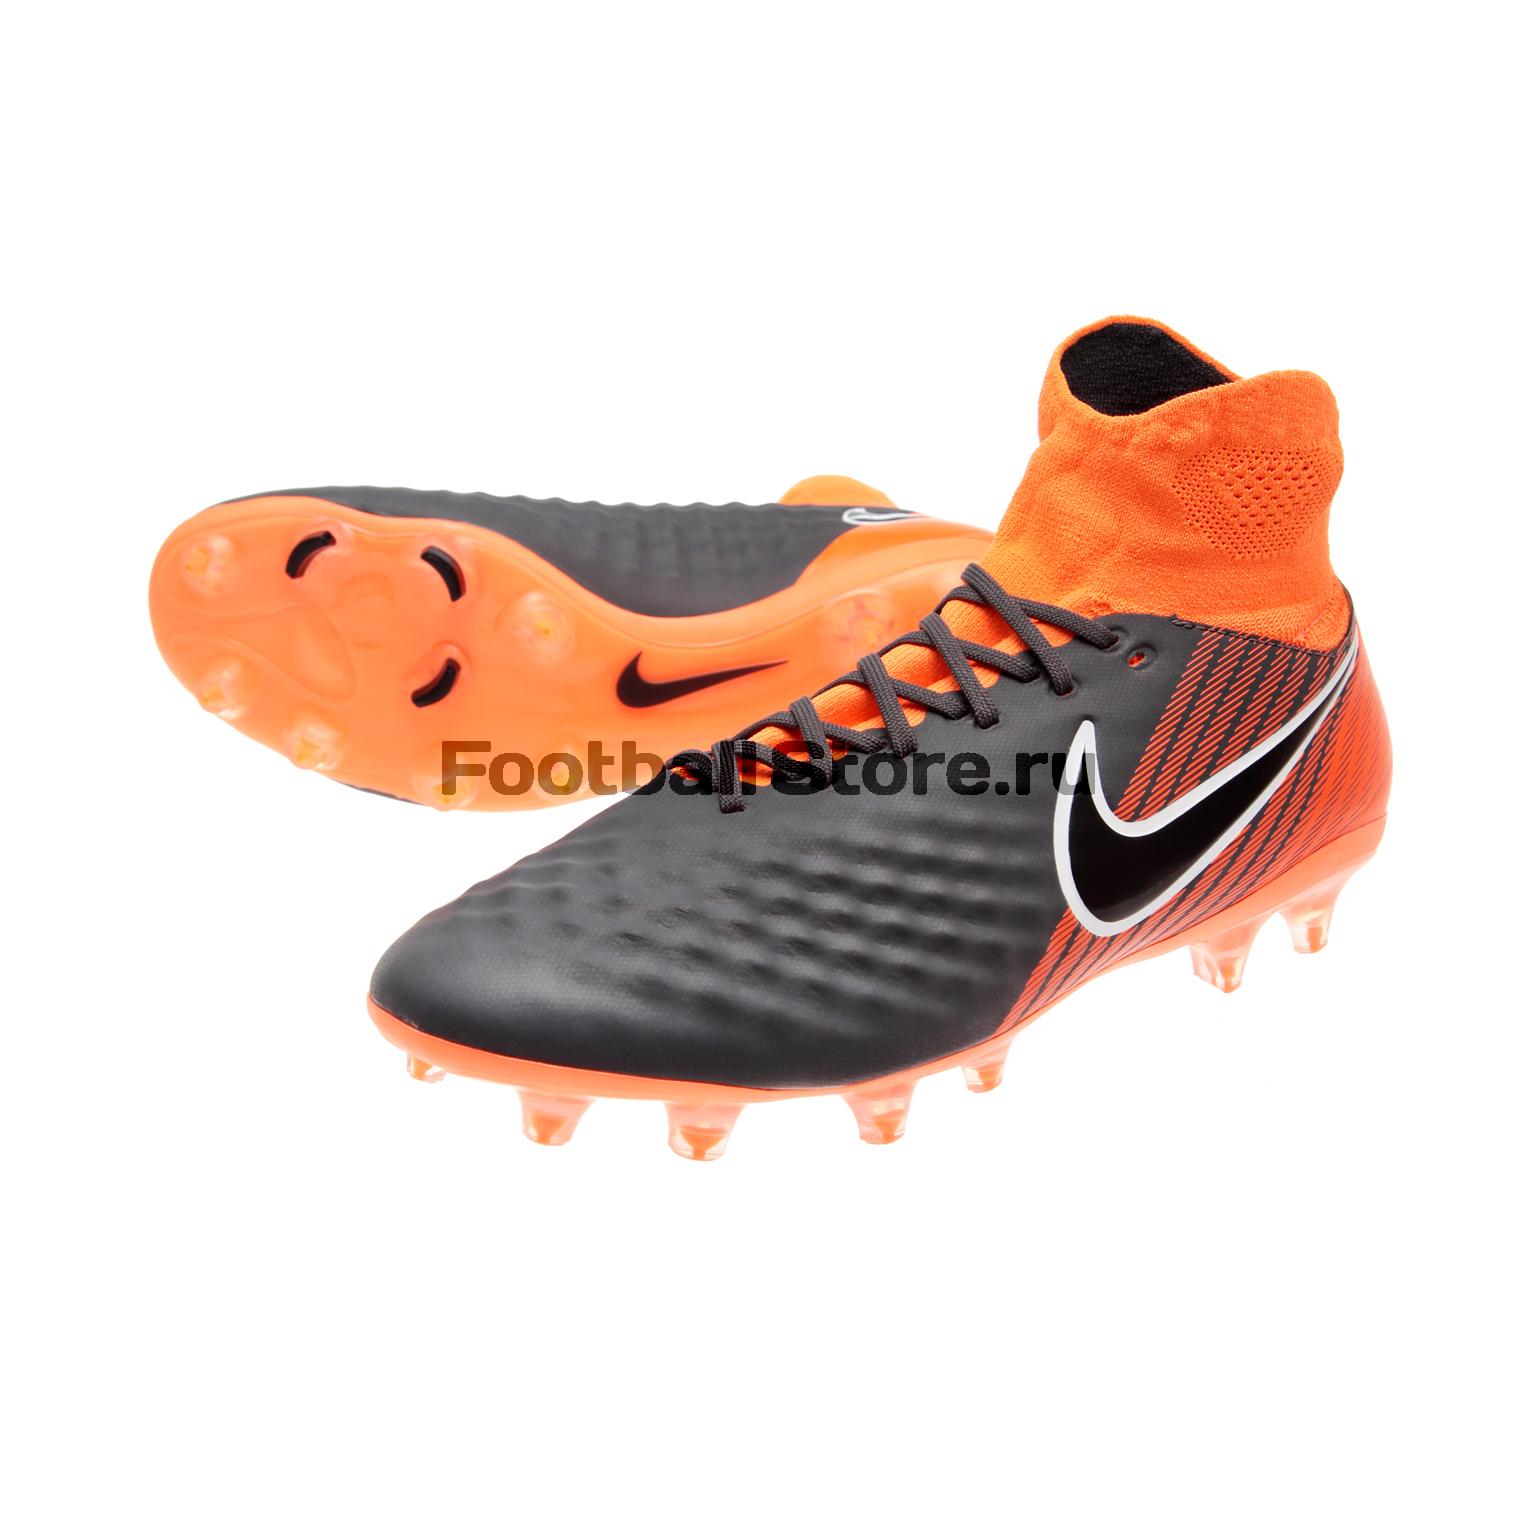 Бутсы Nike Obra 2 Pro DF FG AH7308-080 бутсы футбольные nike obra ii academy df fg ah7313 080 jr детские т сер оранж